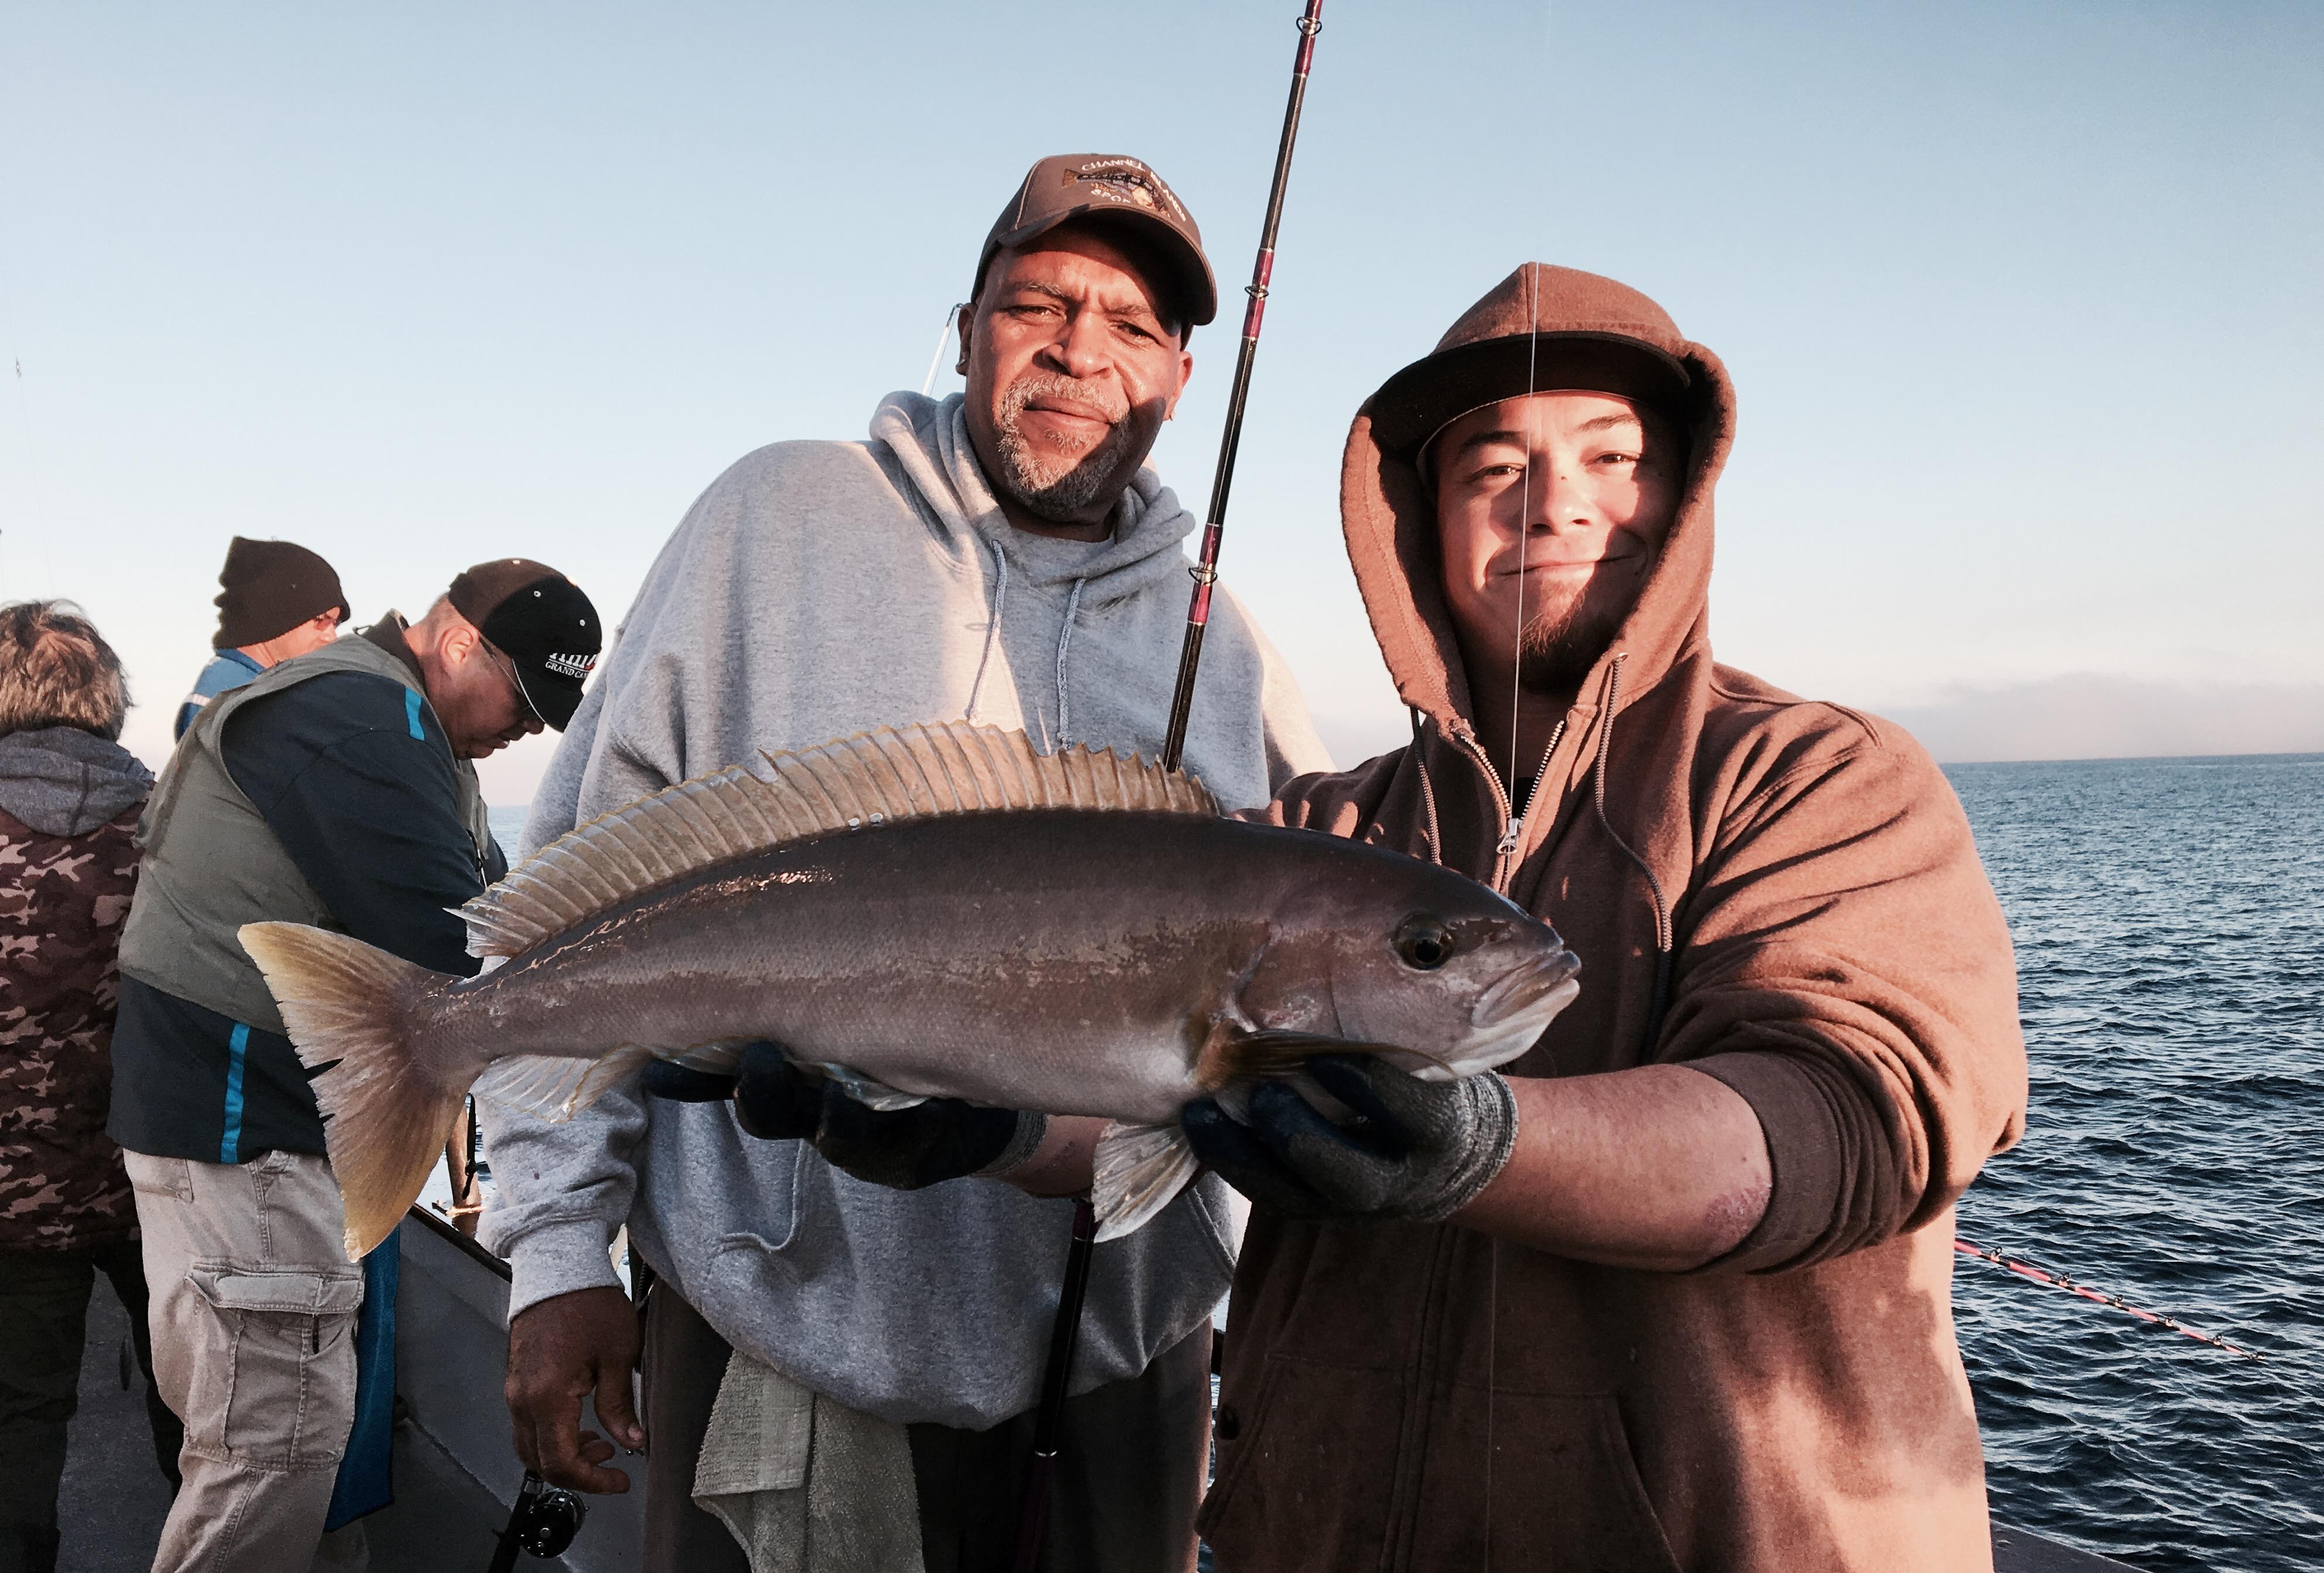 whitefish fishing - Fishing Odyssey